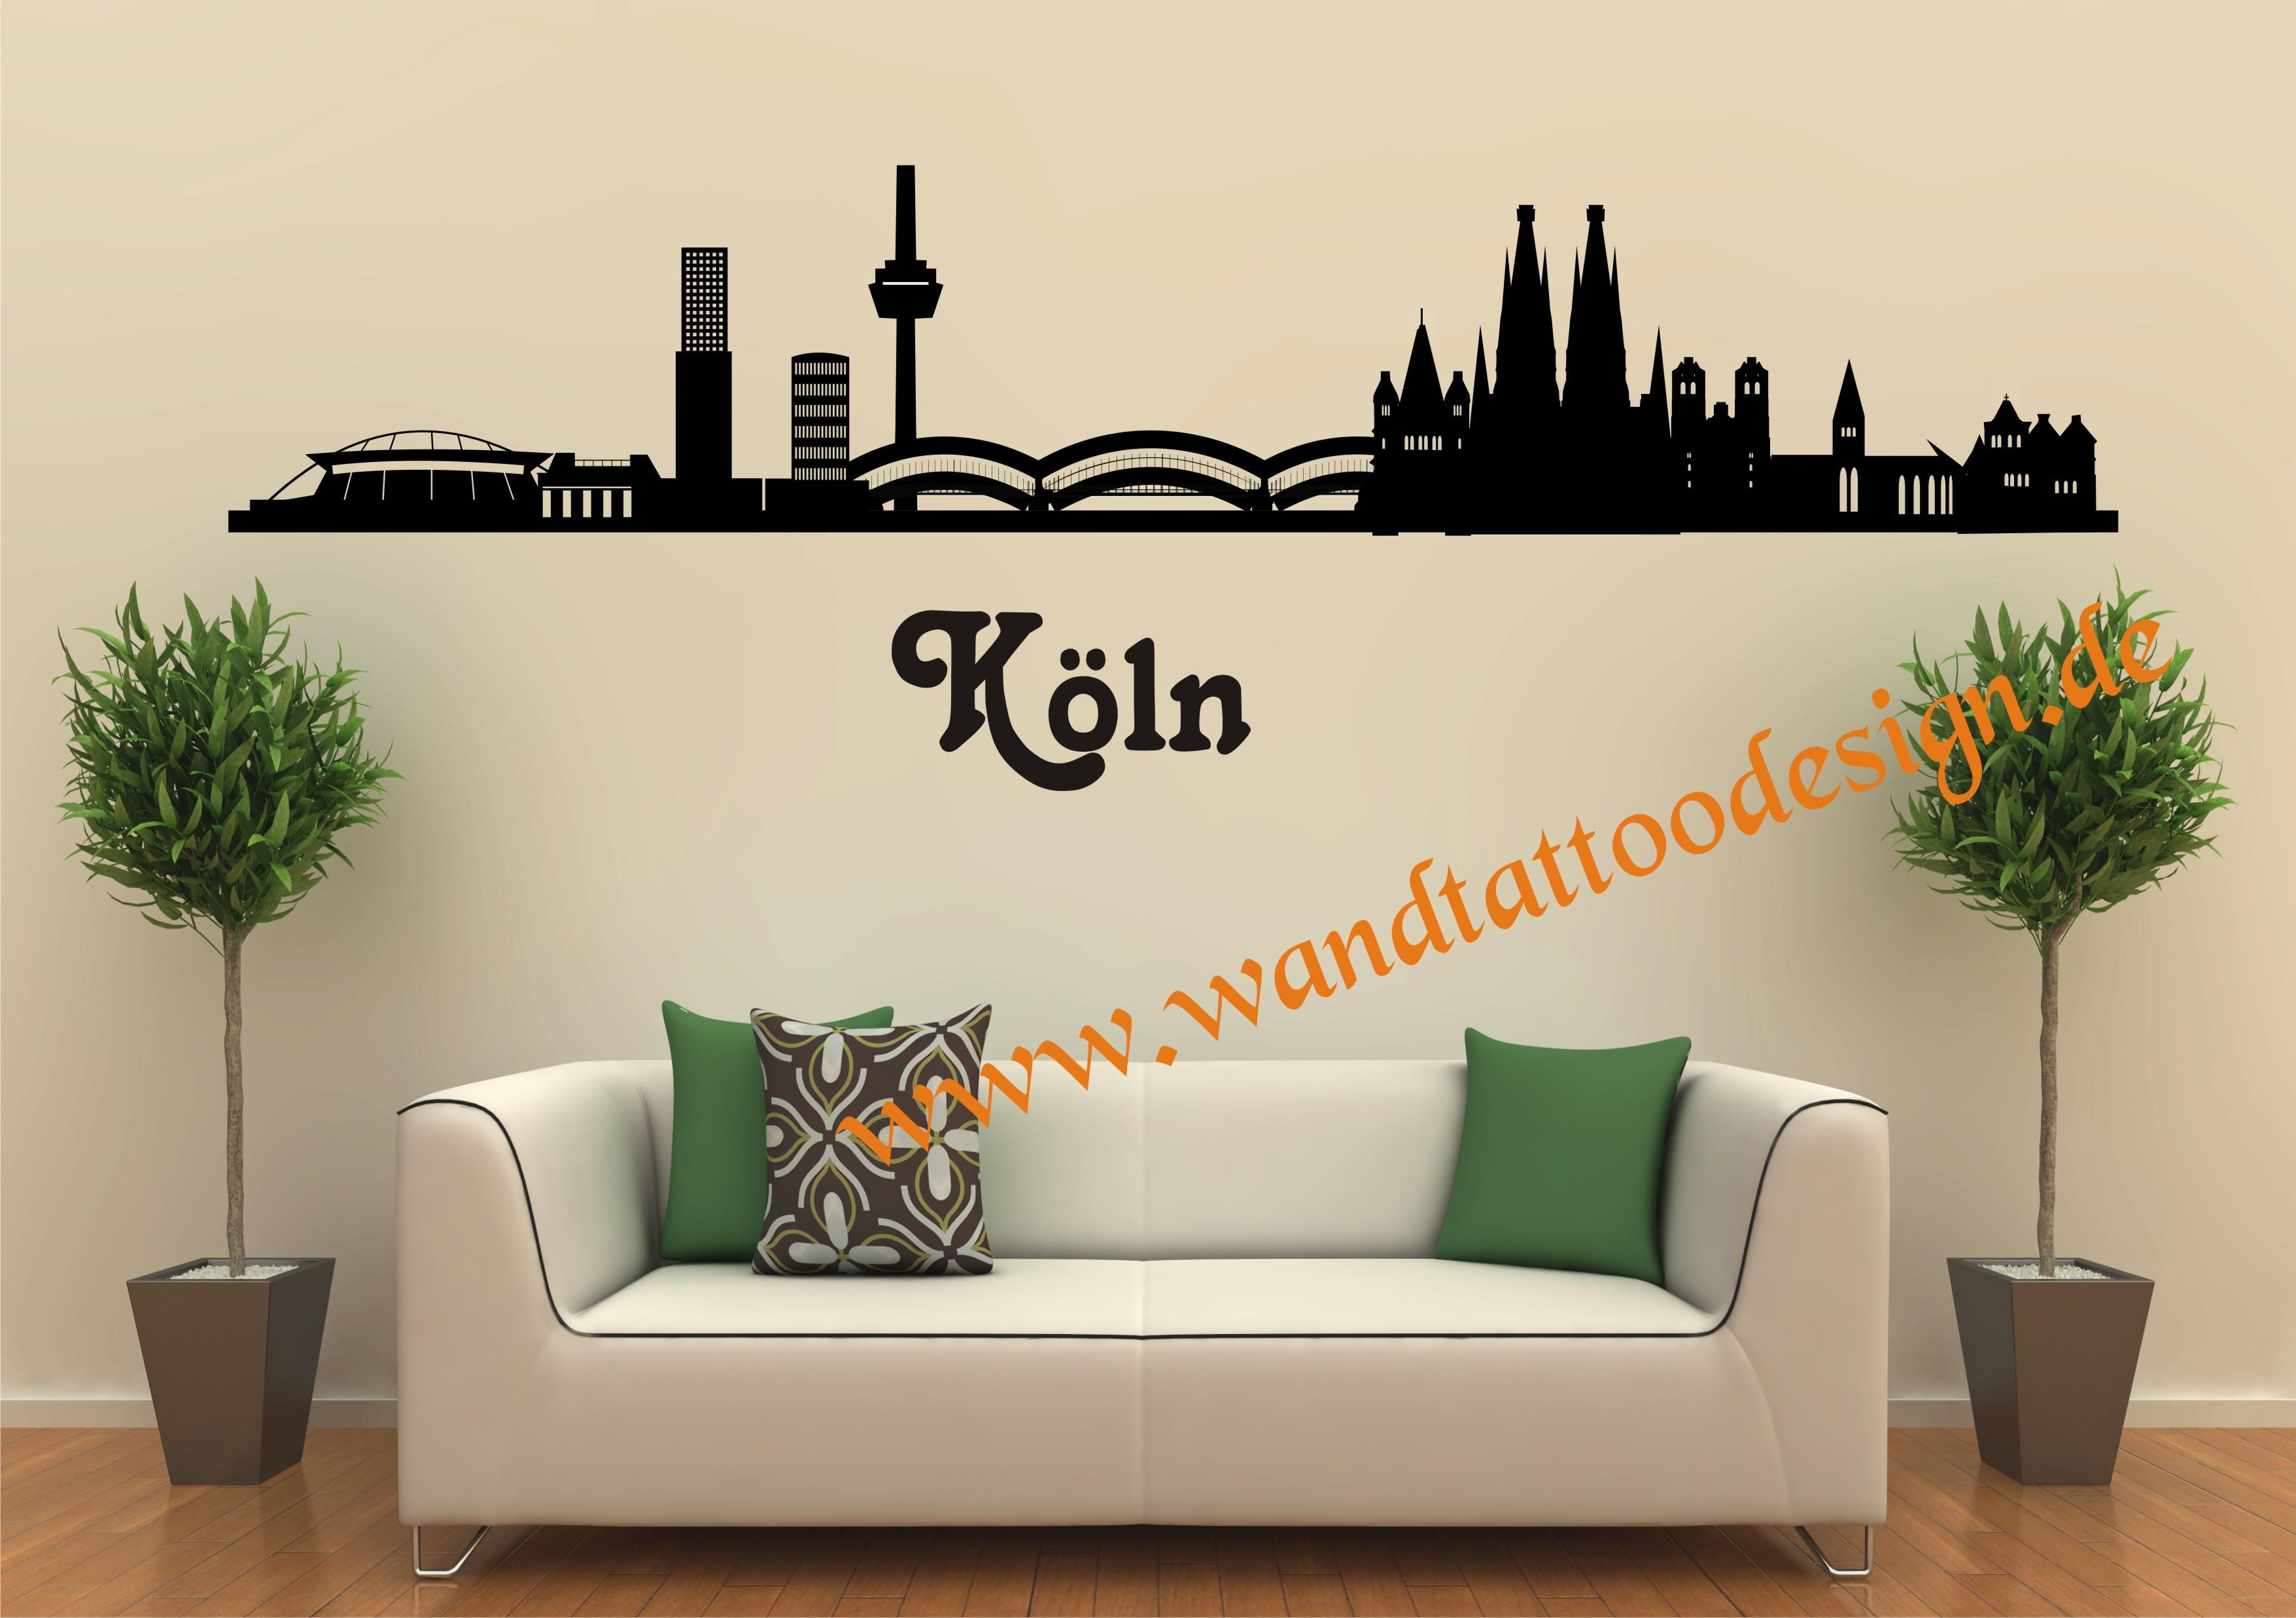 Beeindruckend Wandtattoo Köln Beste Wahl Skyline Köln